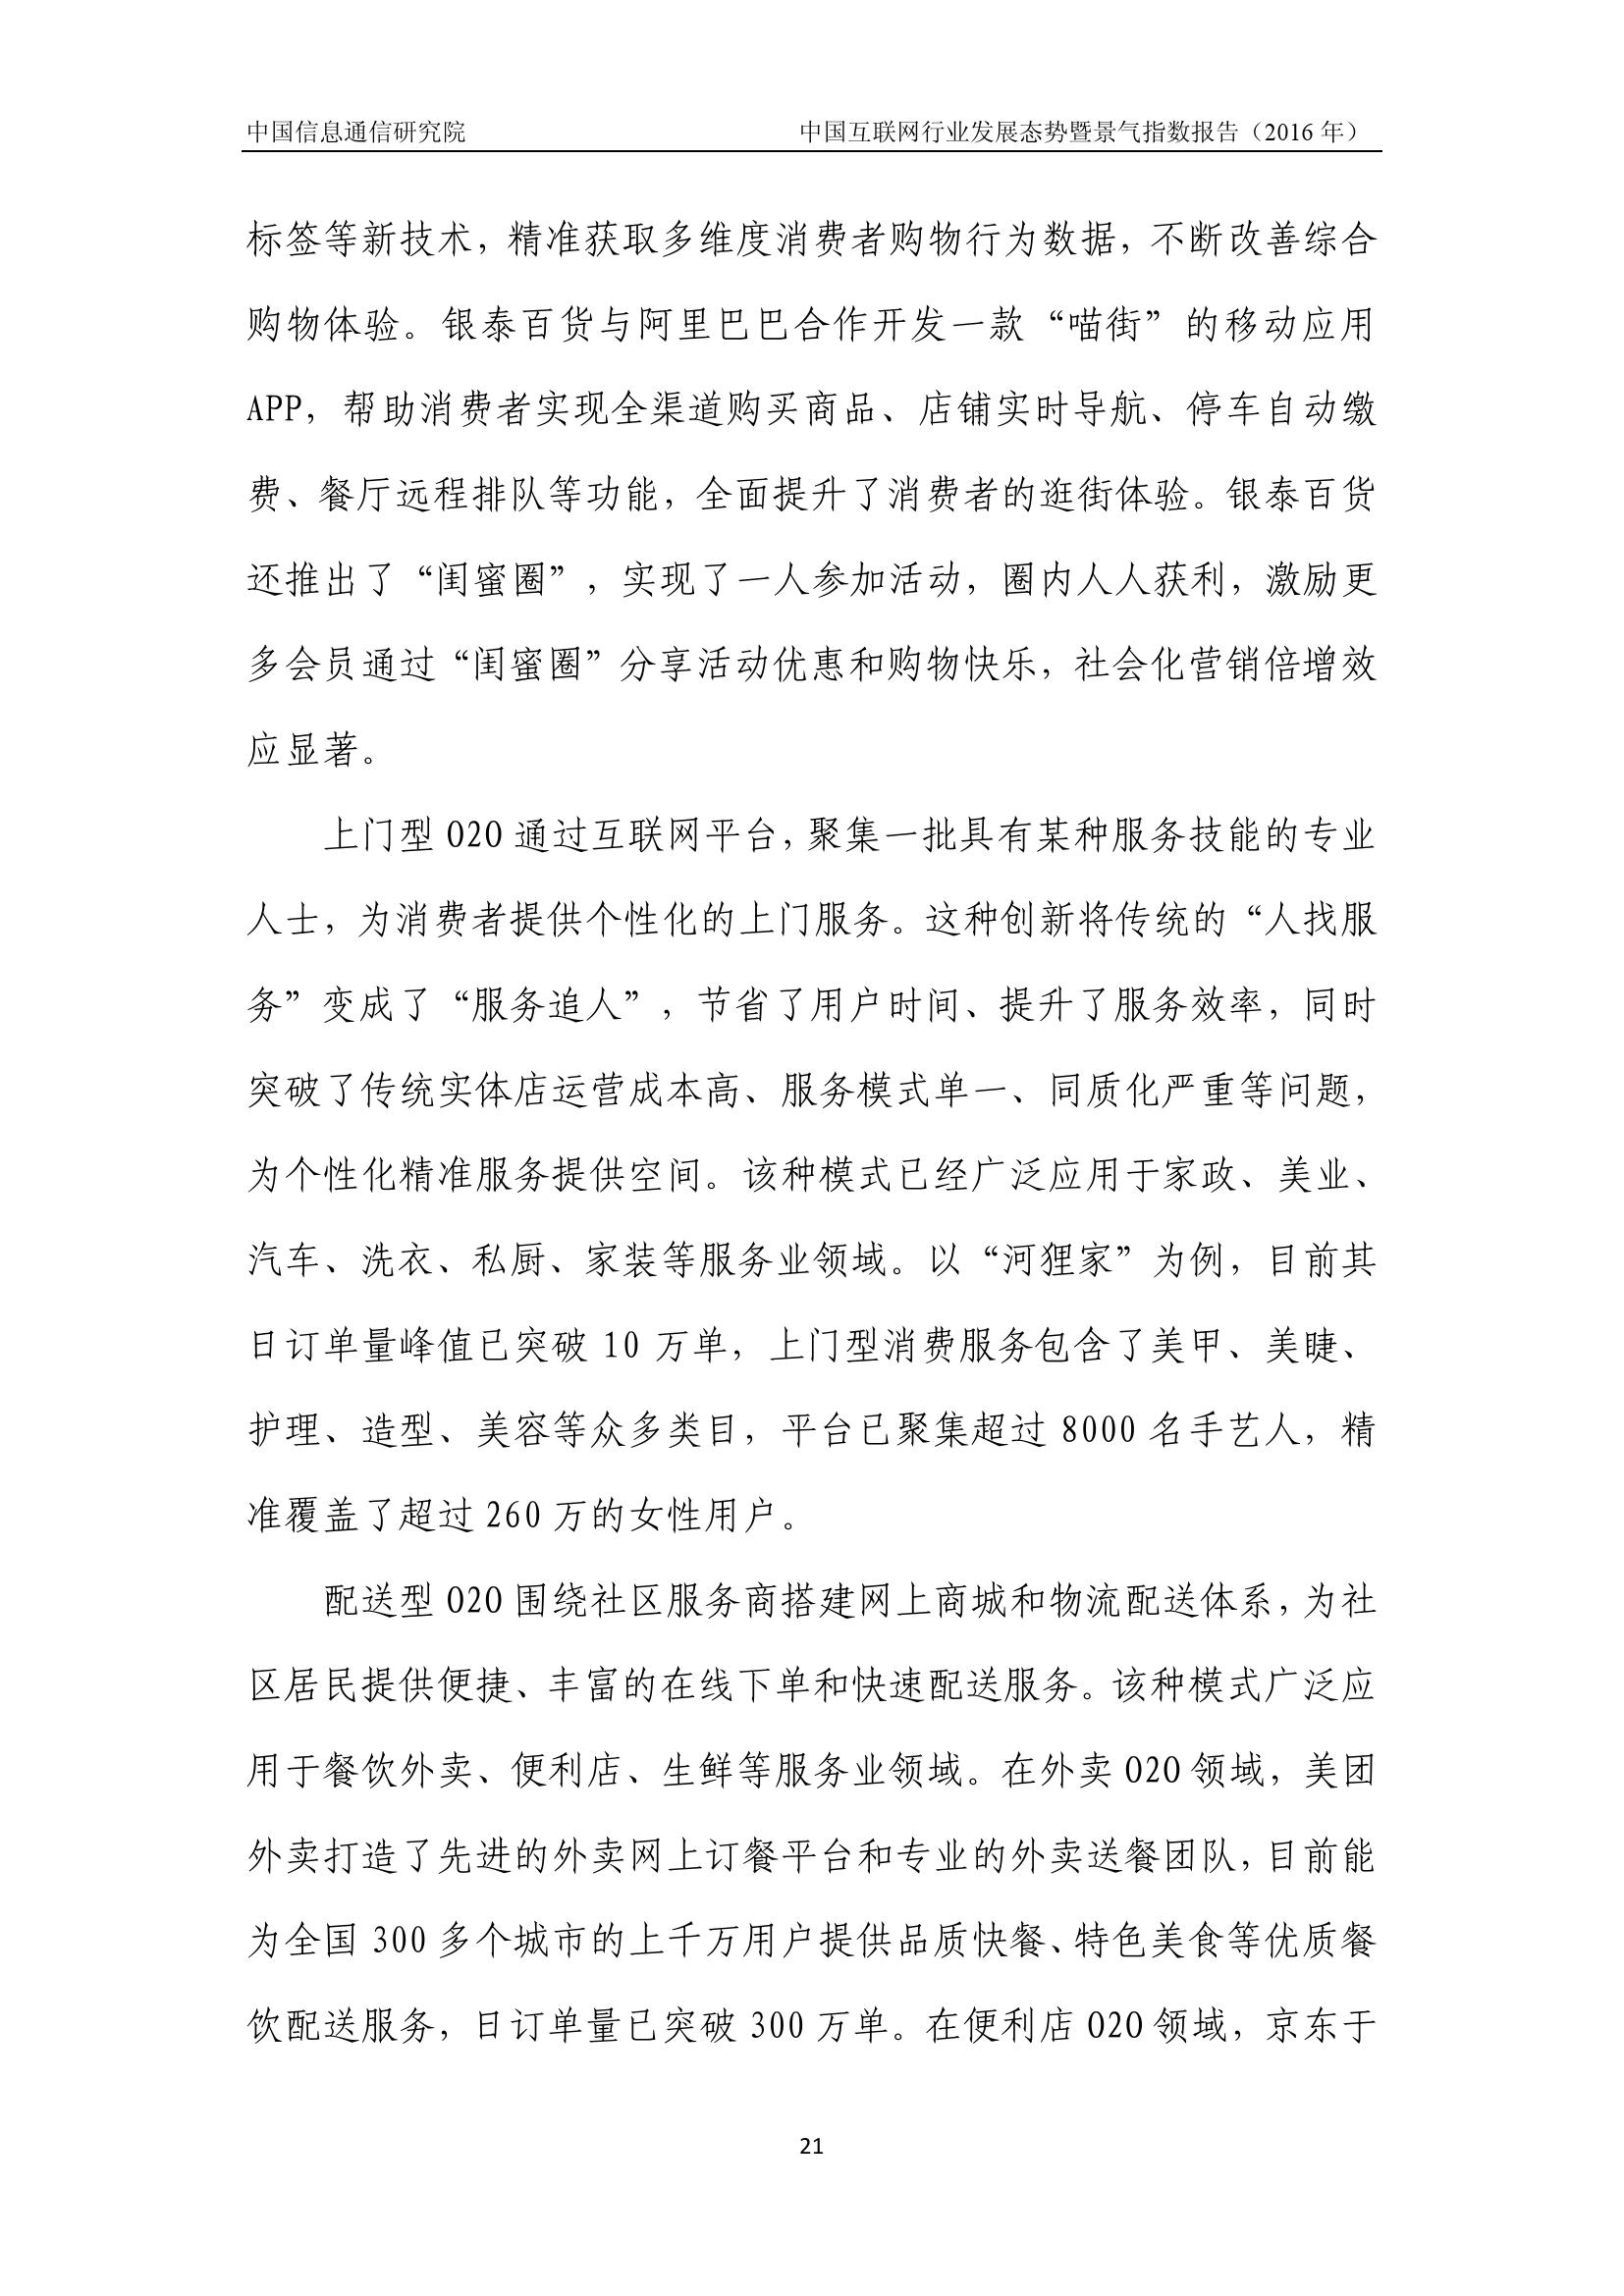 2016年中国互联网行业发展态势暨景气指数报告_000025